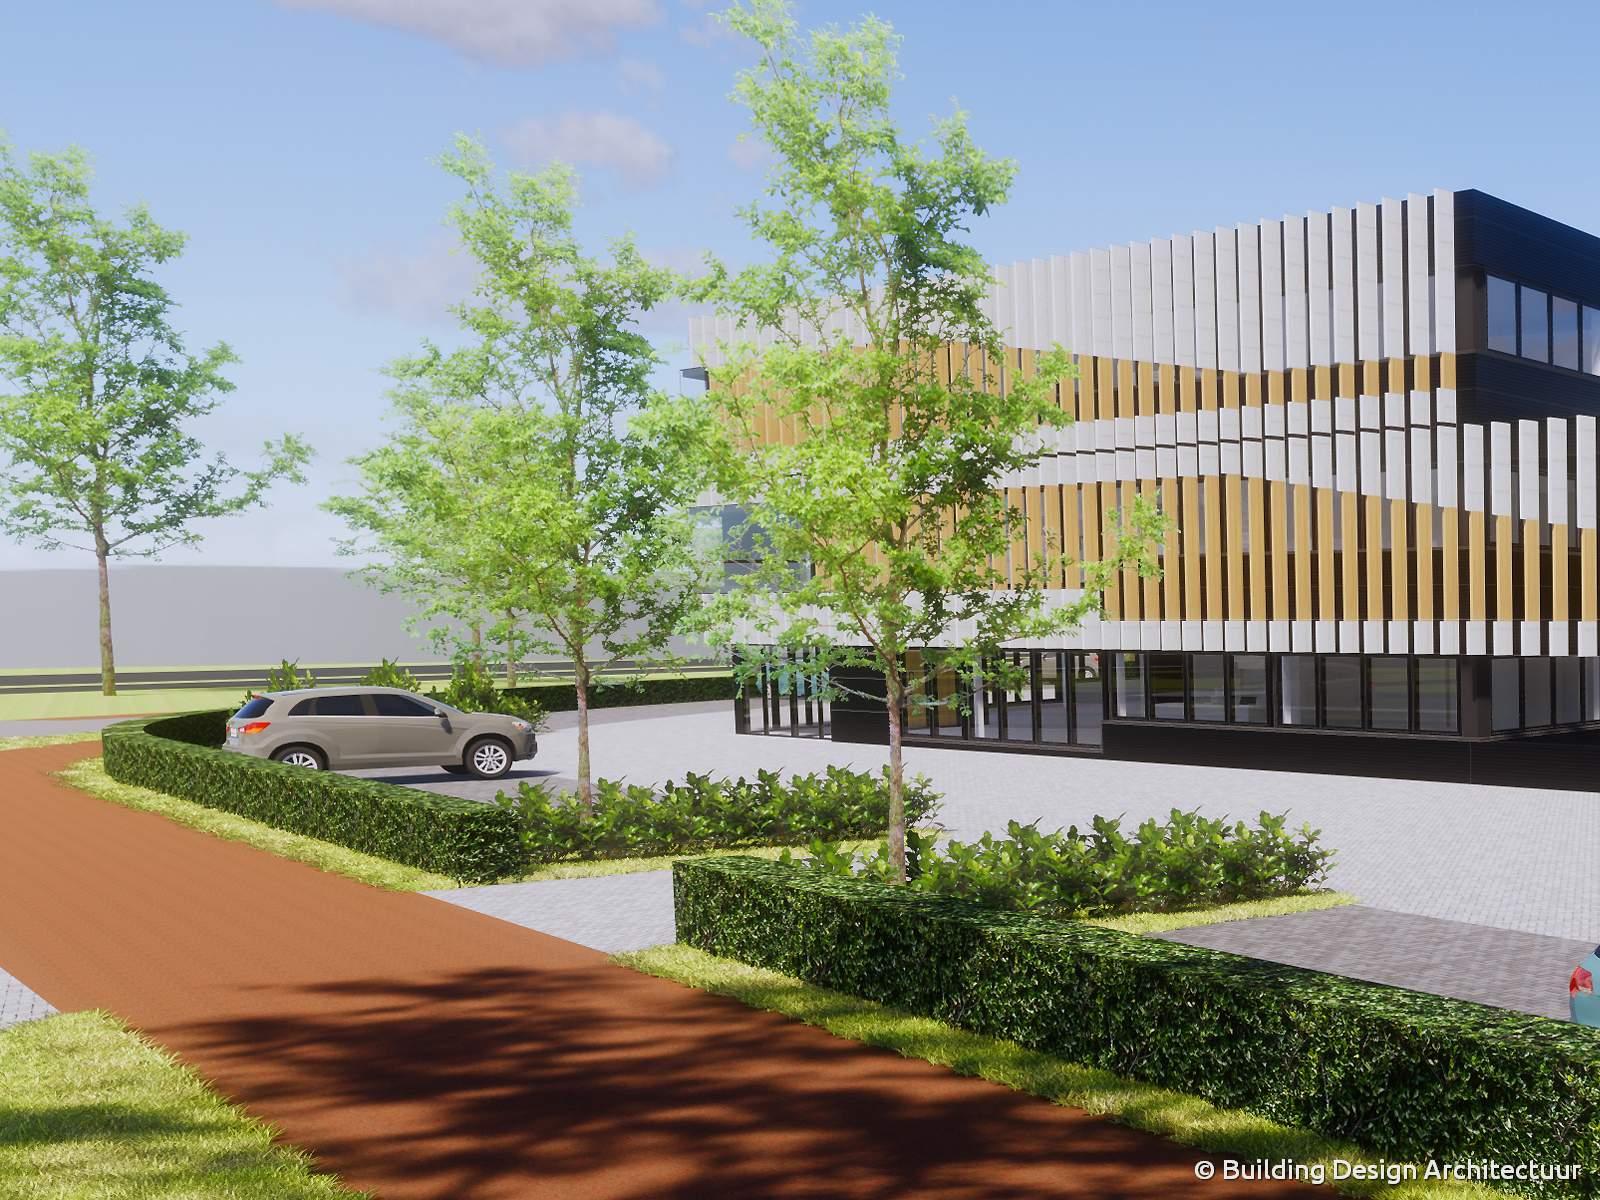 ontwerp building design